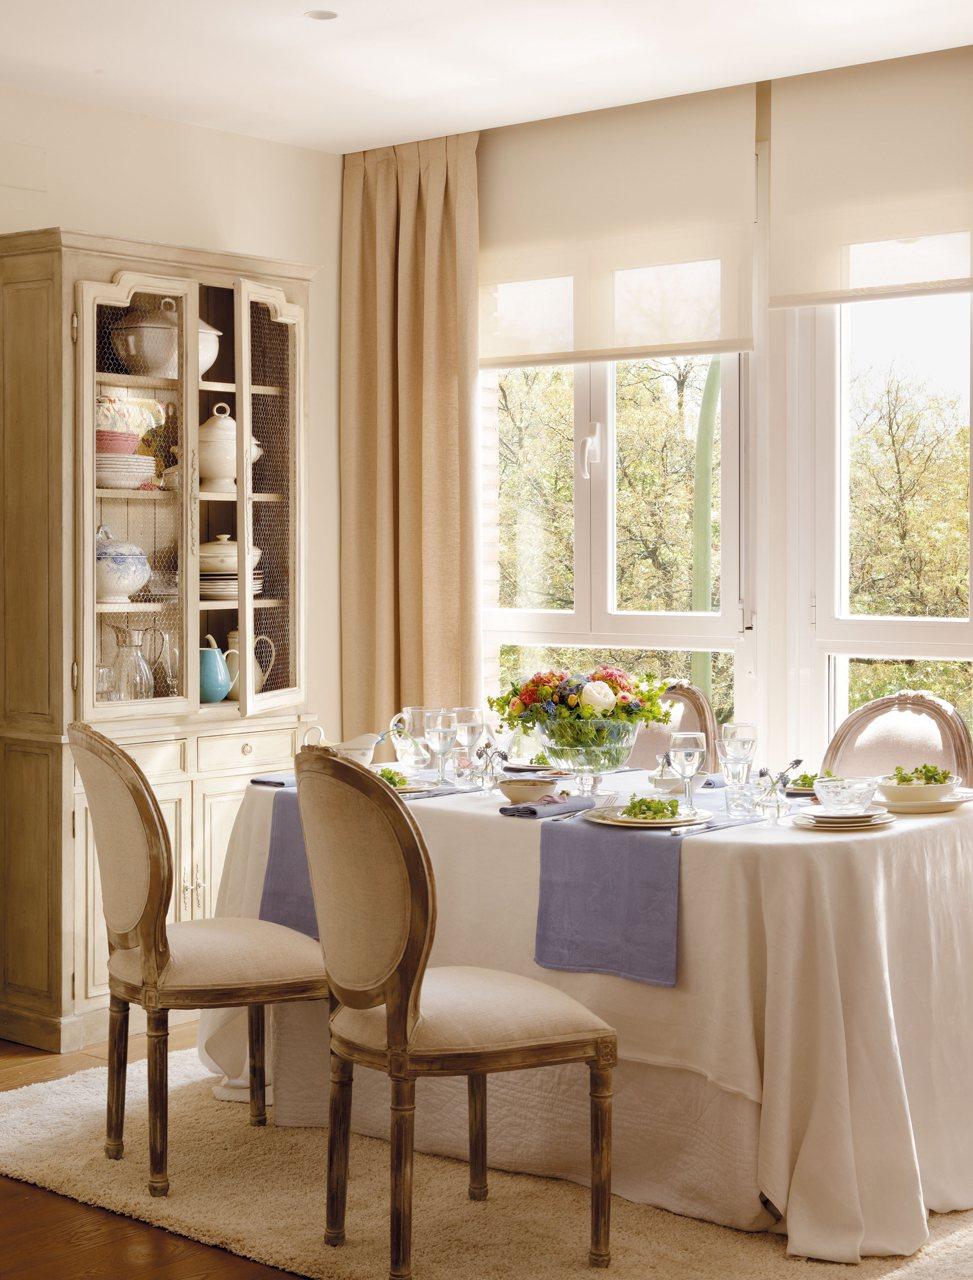 Comedores con encanto37 - Muebles con encanto ...